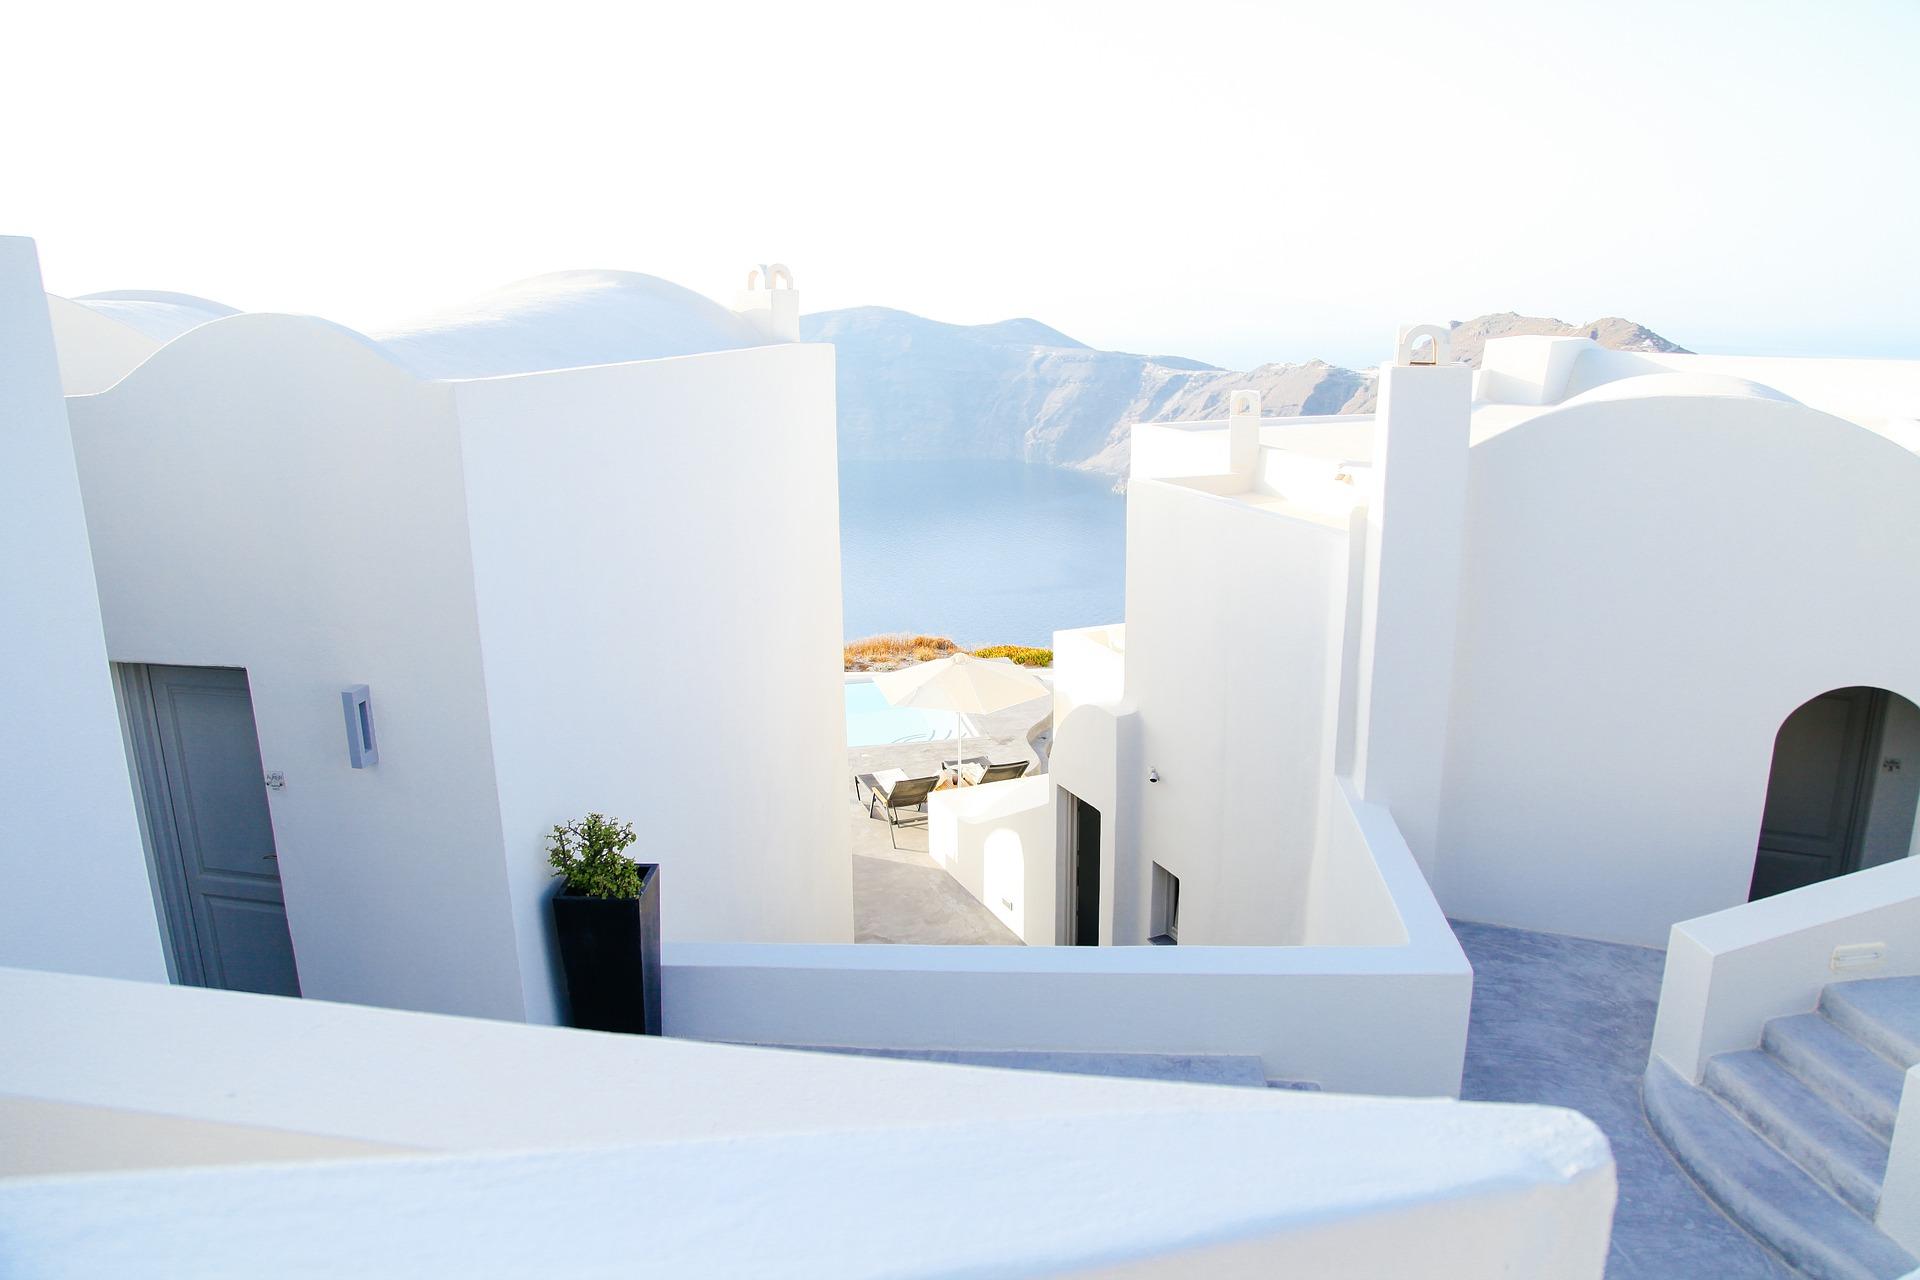 Casas blancas Grecia